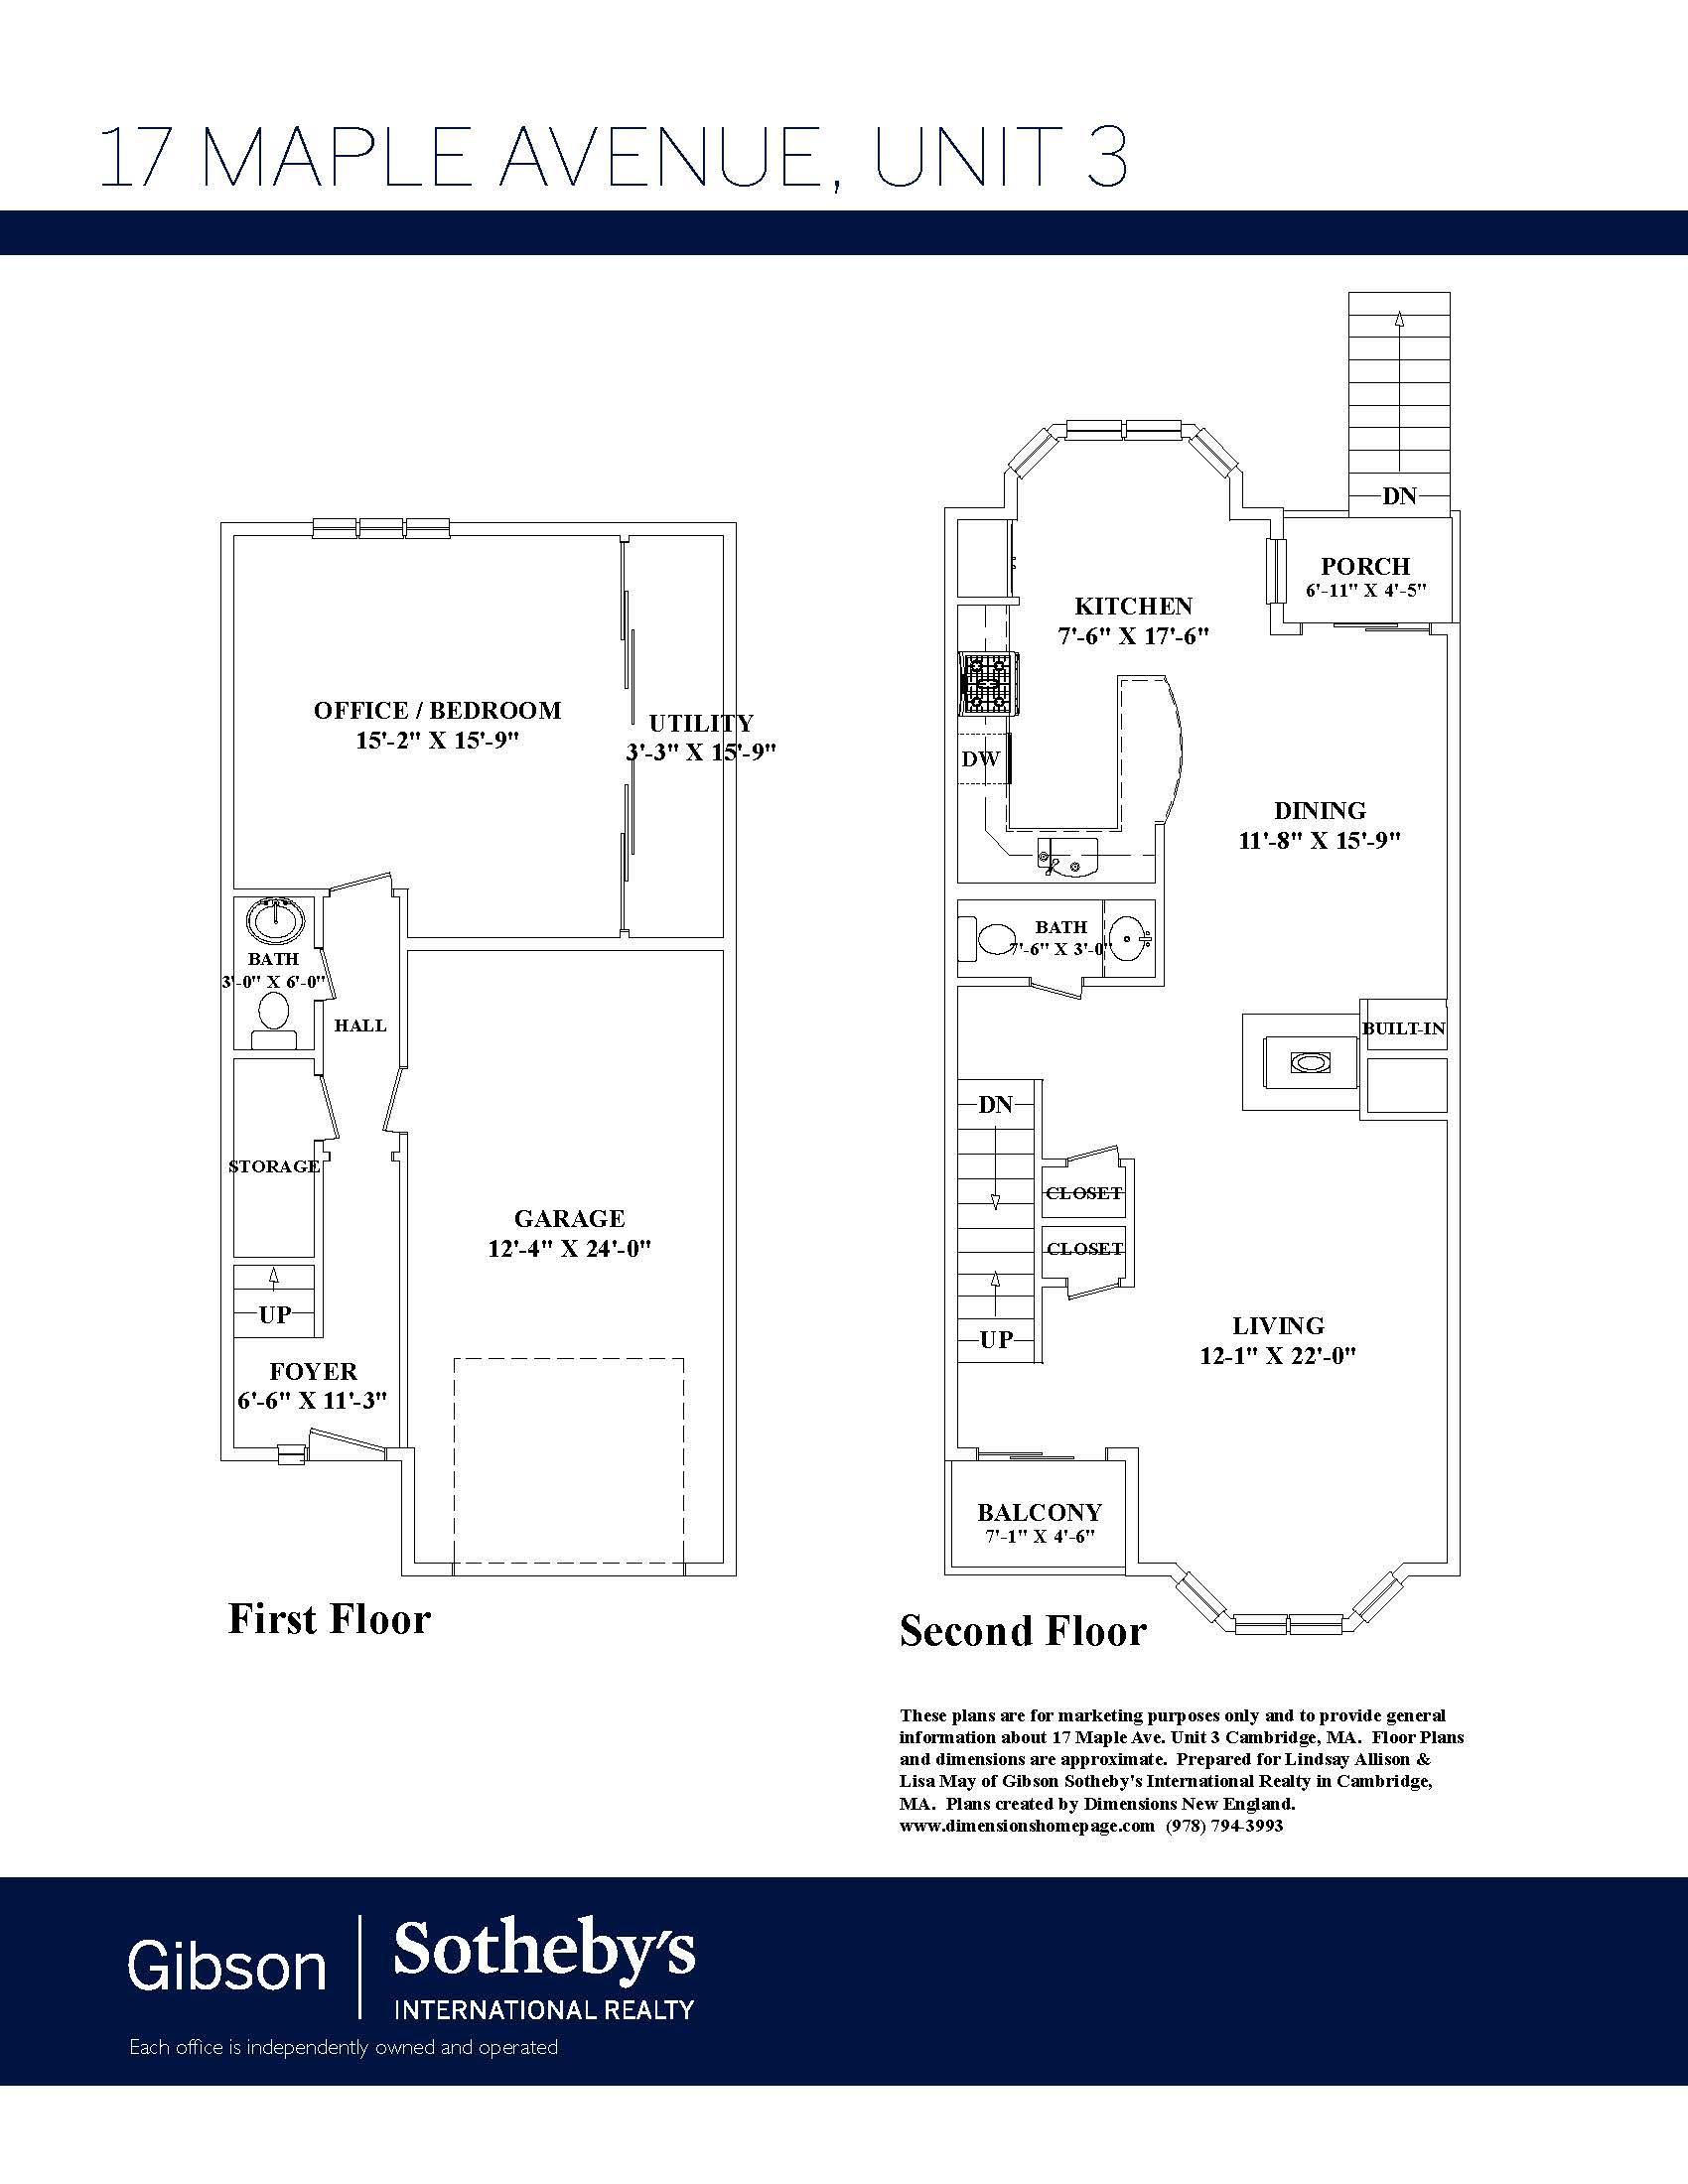 17 Maple Ave U3 Floor Plans Branded_Page_1.jpg